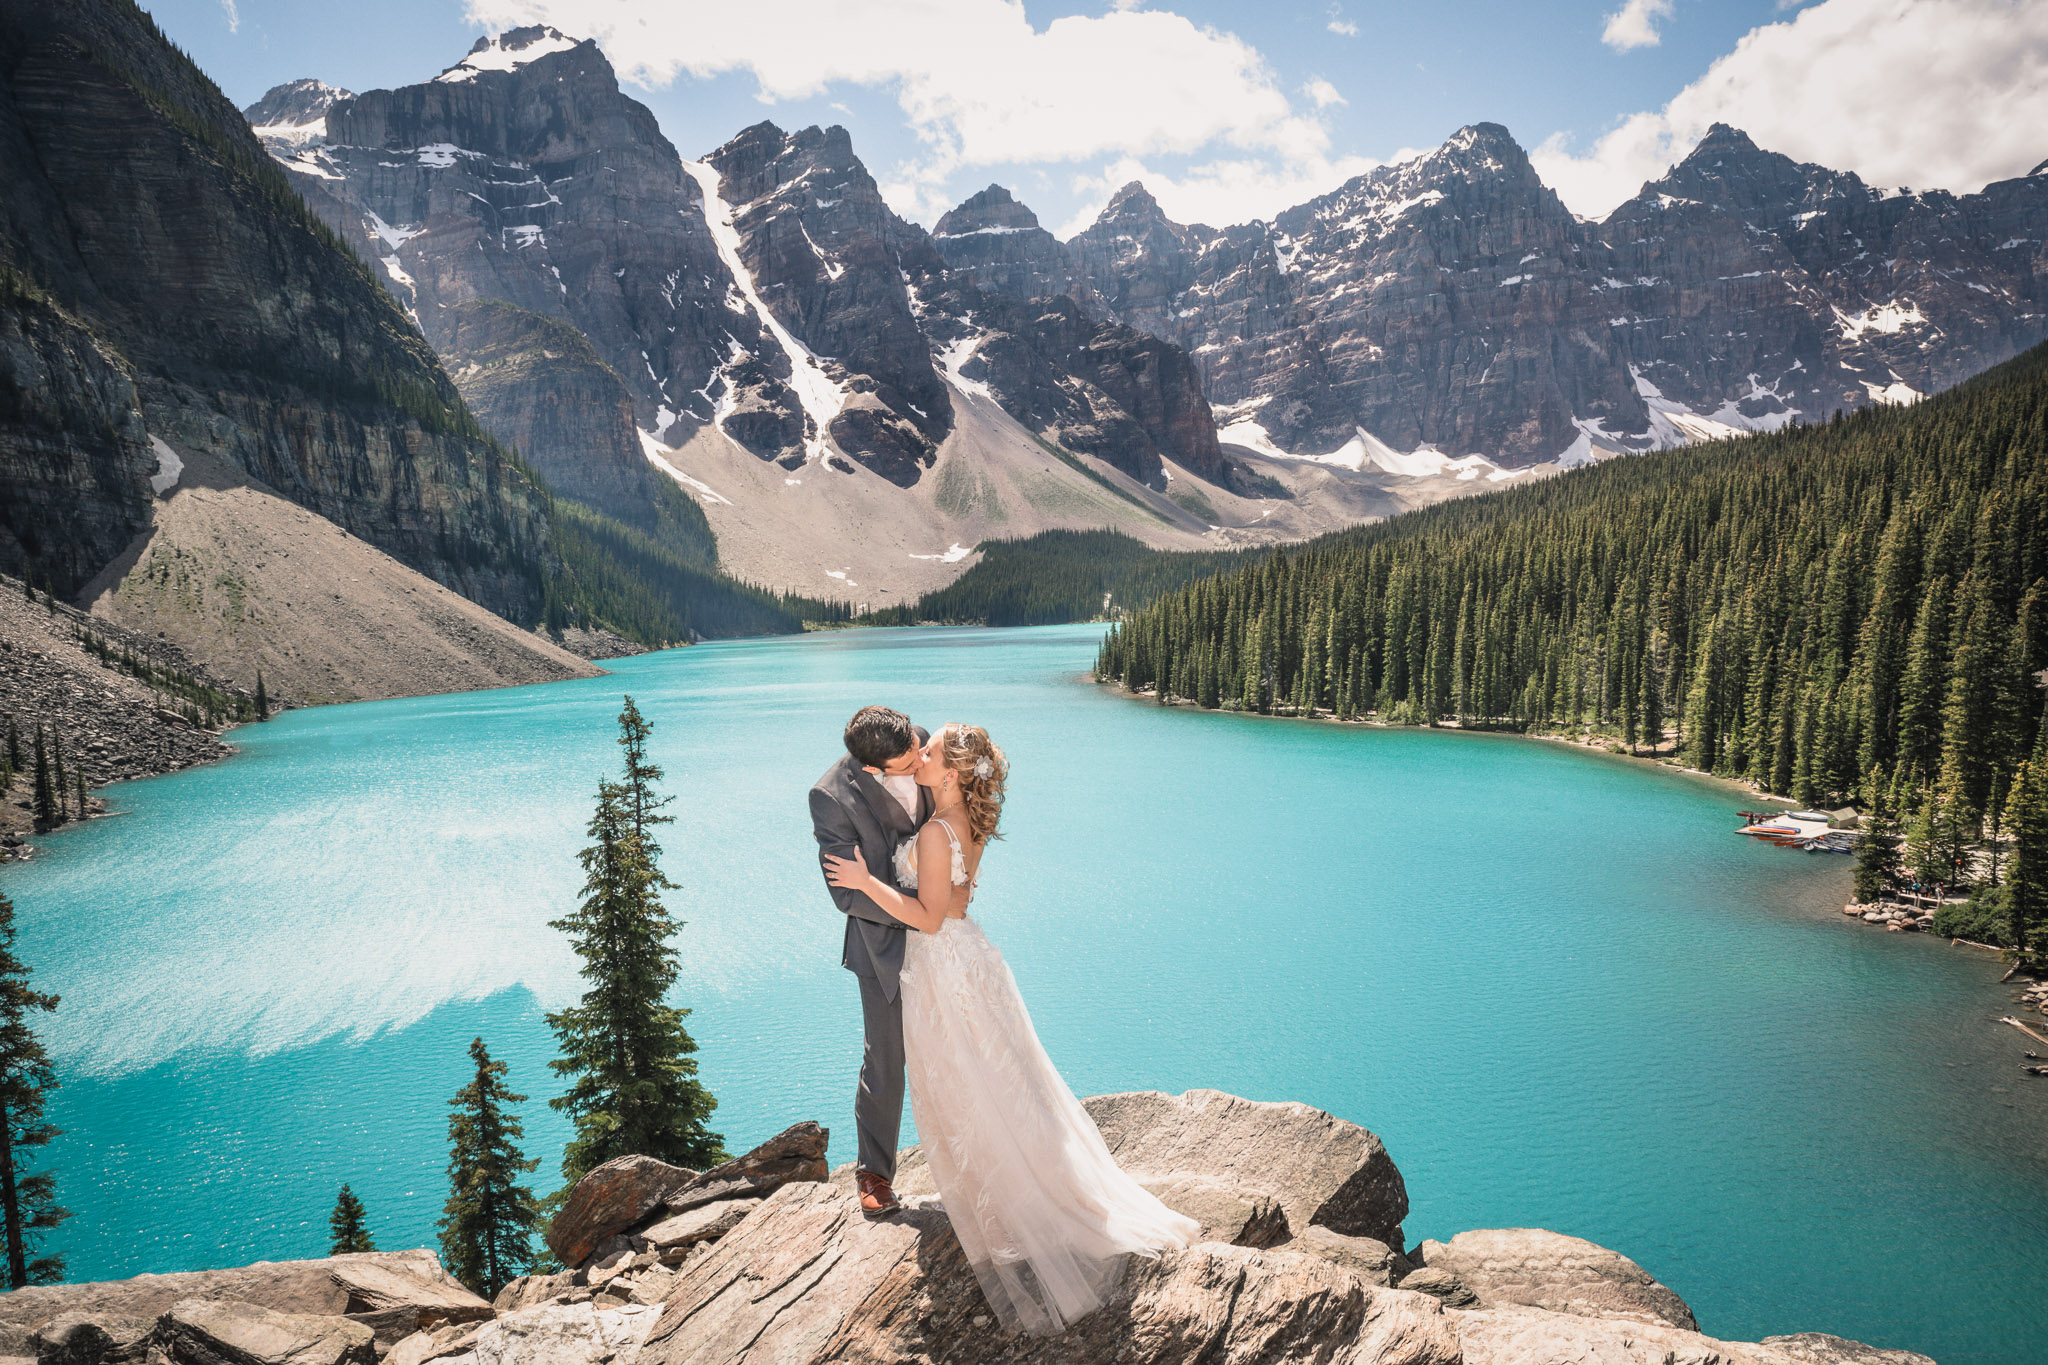 wedding photography, engagement photos, elopement photography, elopement photographer